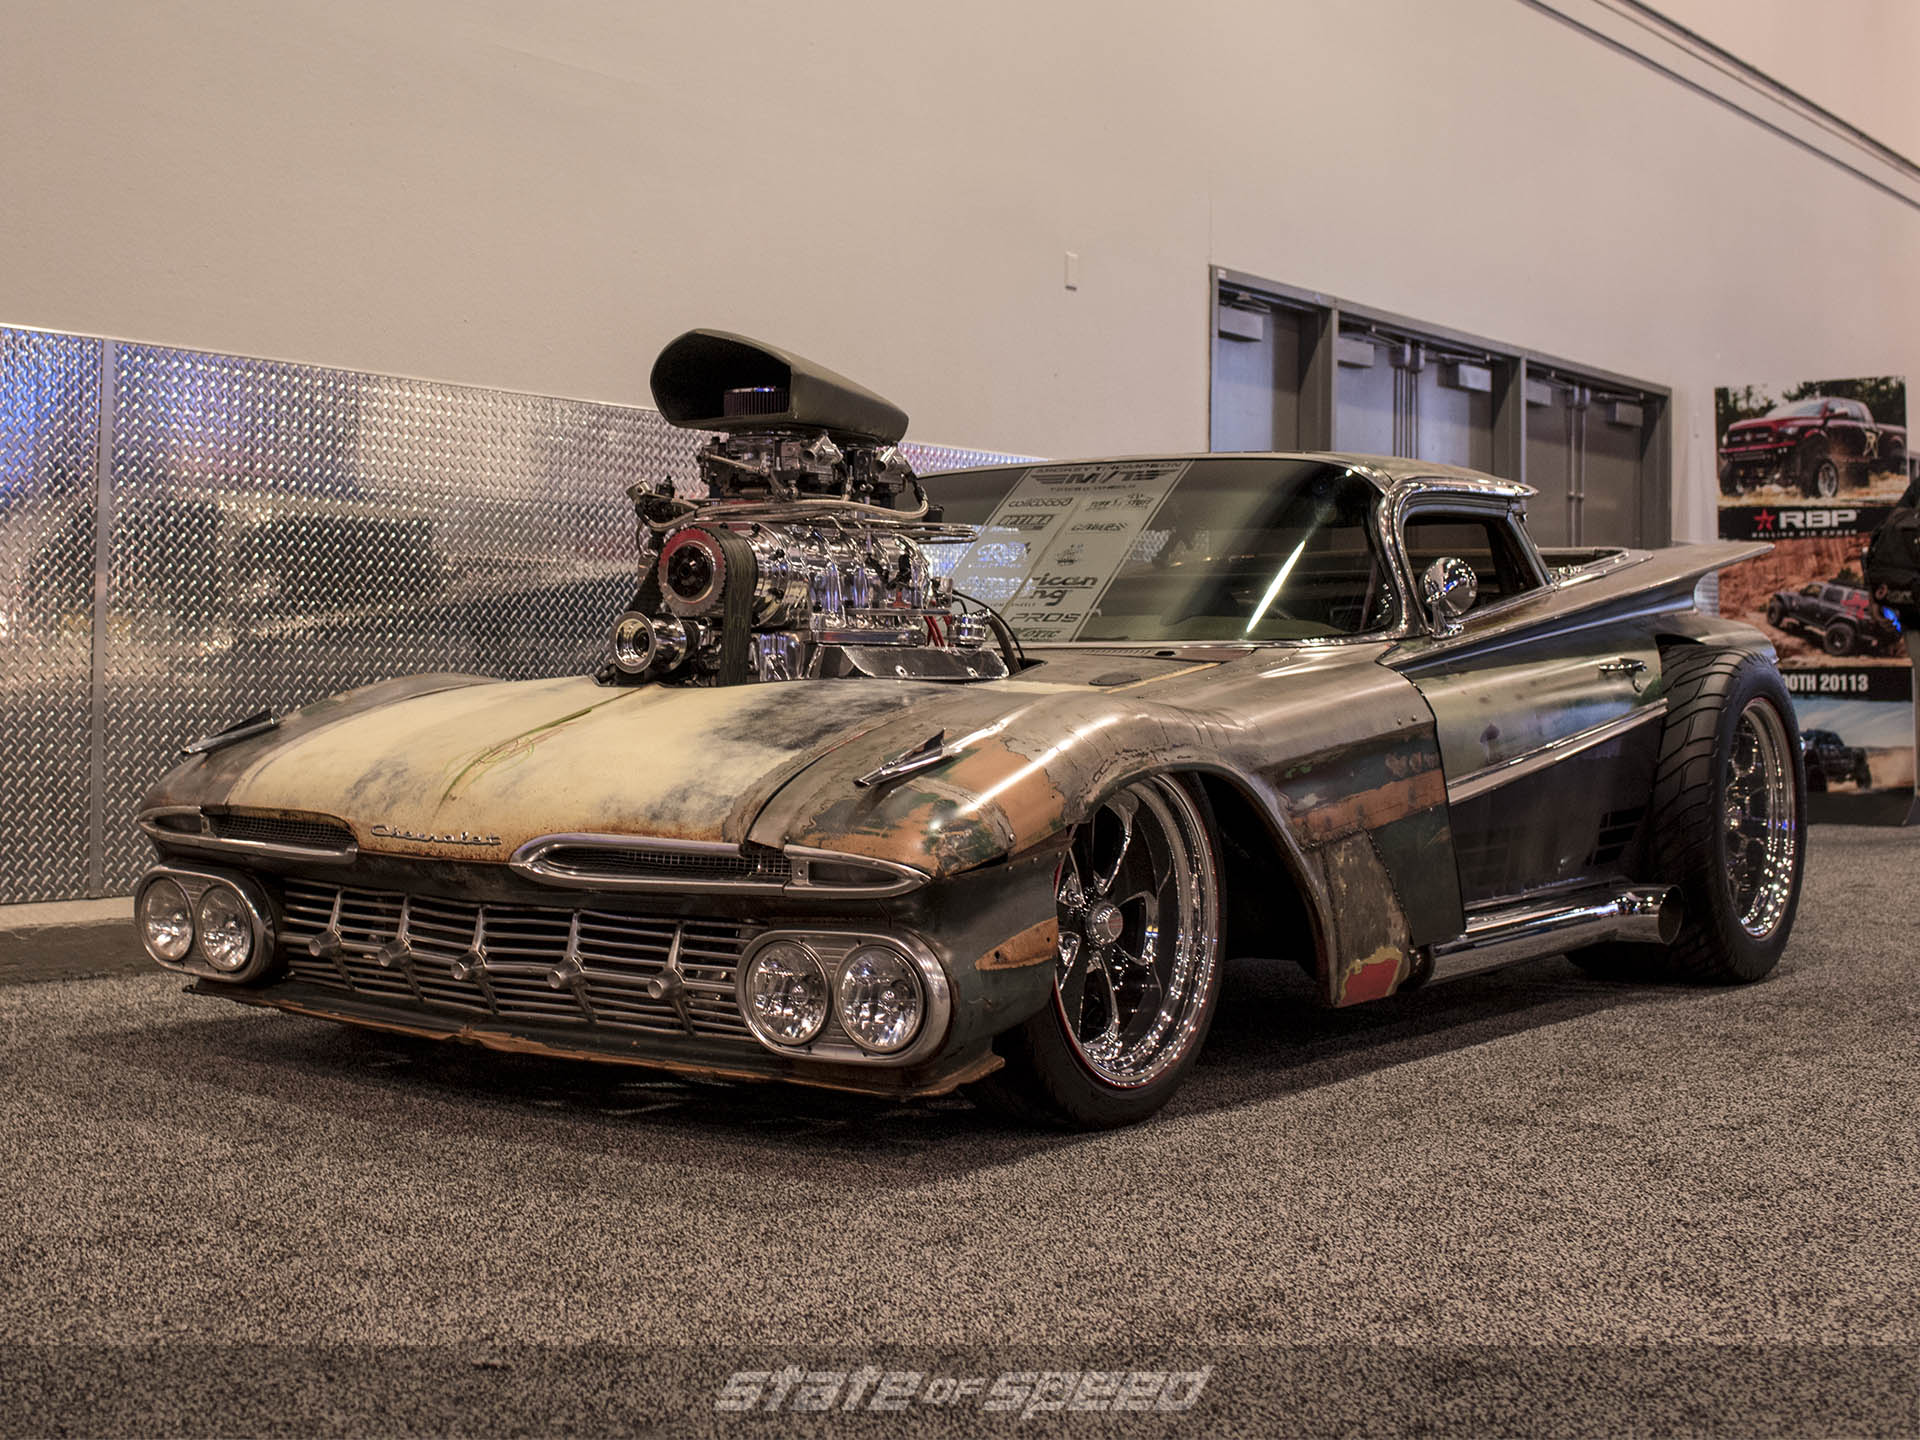 Chopped classic Impala at SEMA 2019